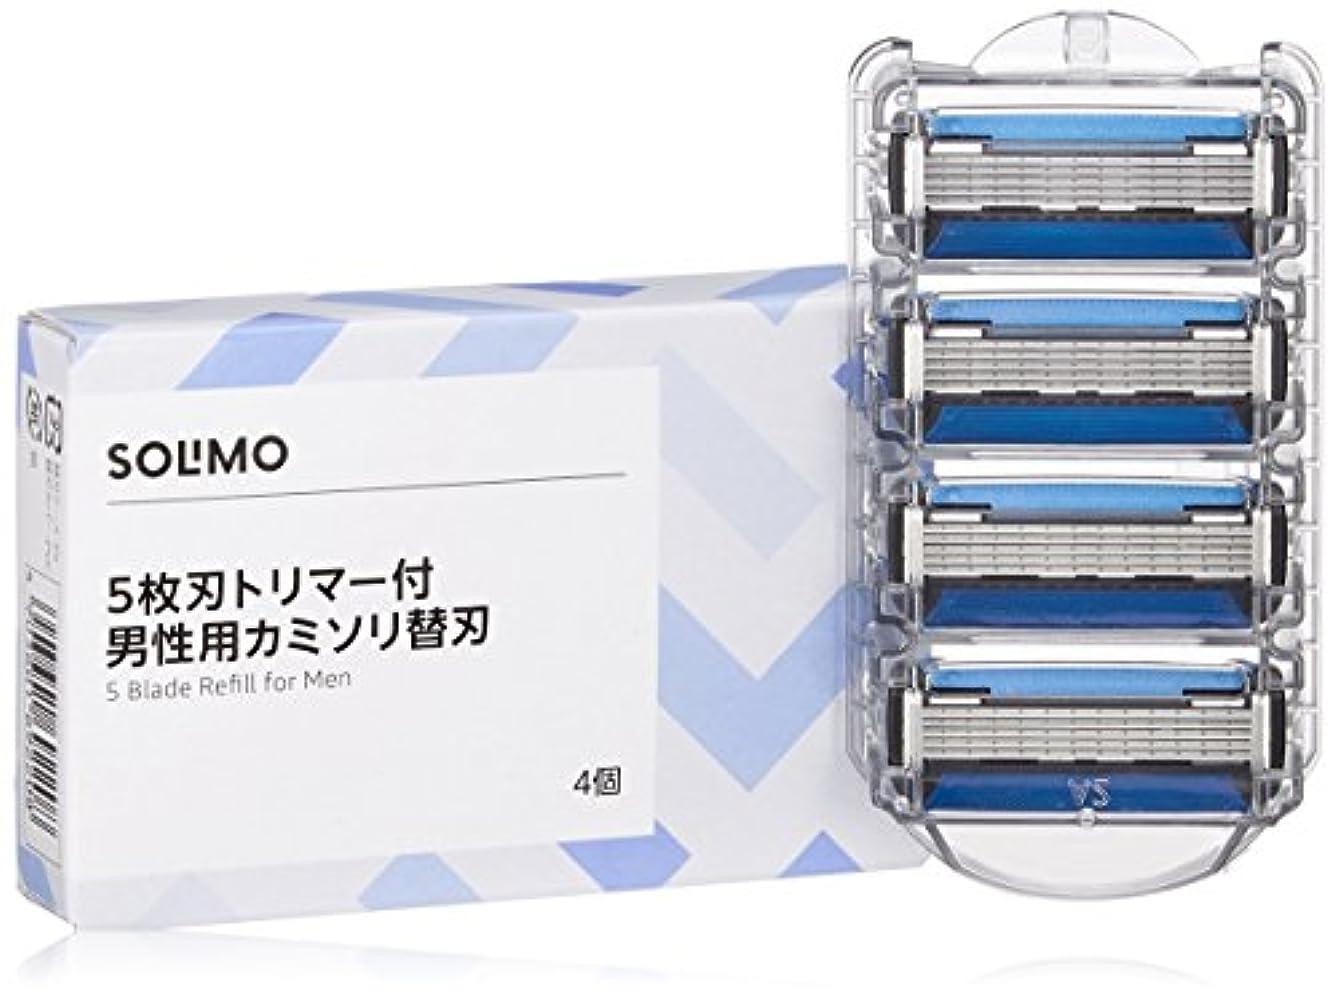 ベッツィトロットウッド他に発言する[Amazonブランド]SOLIMO 5枚刃 トリマー付 男性用 カミソリ替刃4個